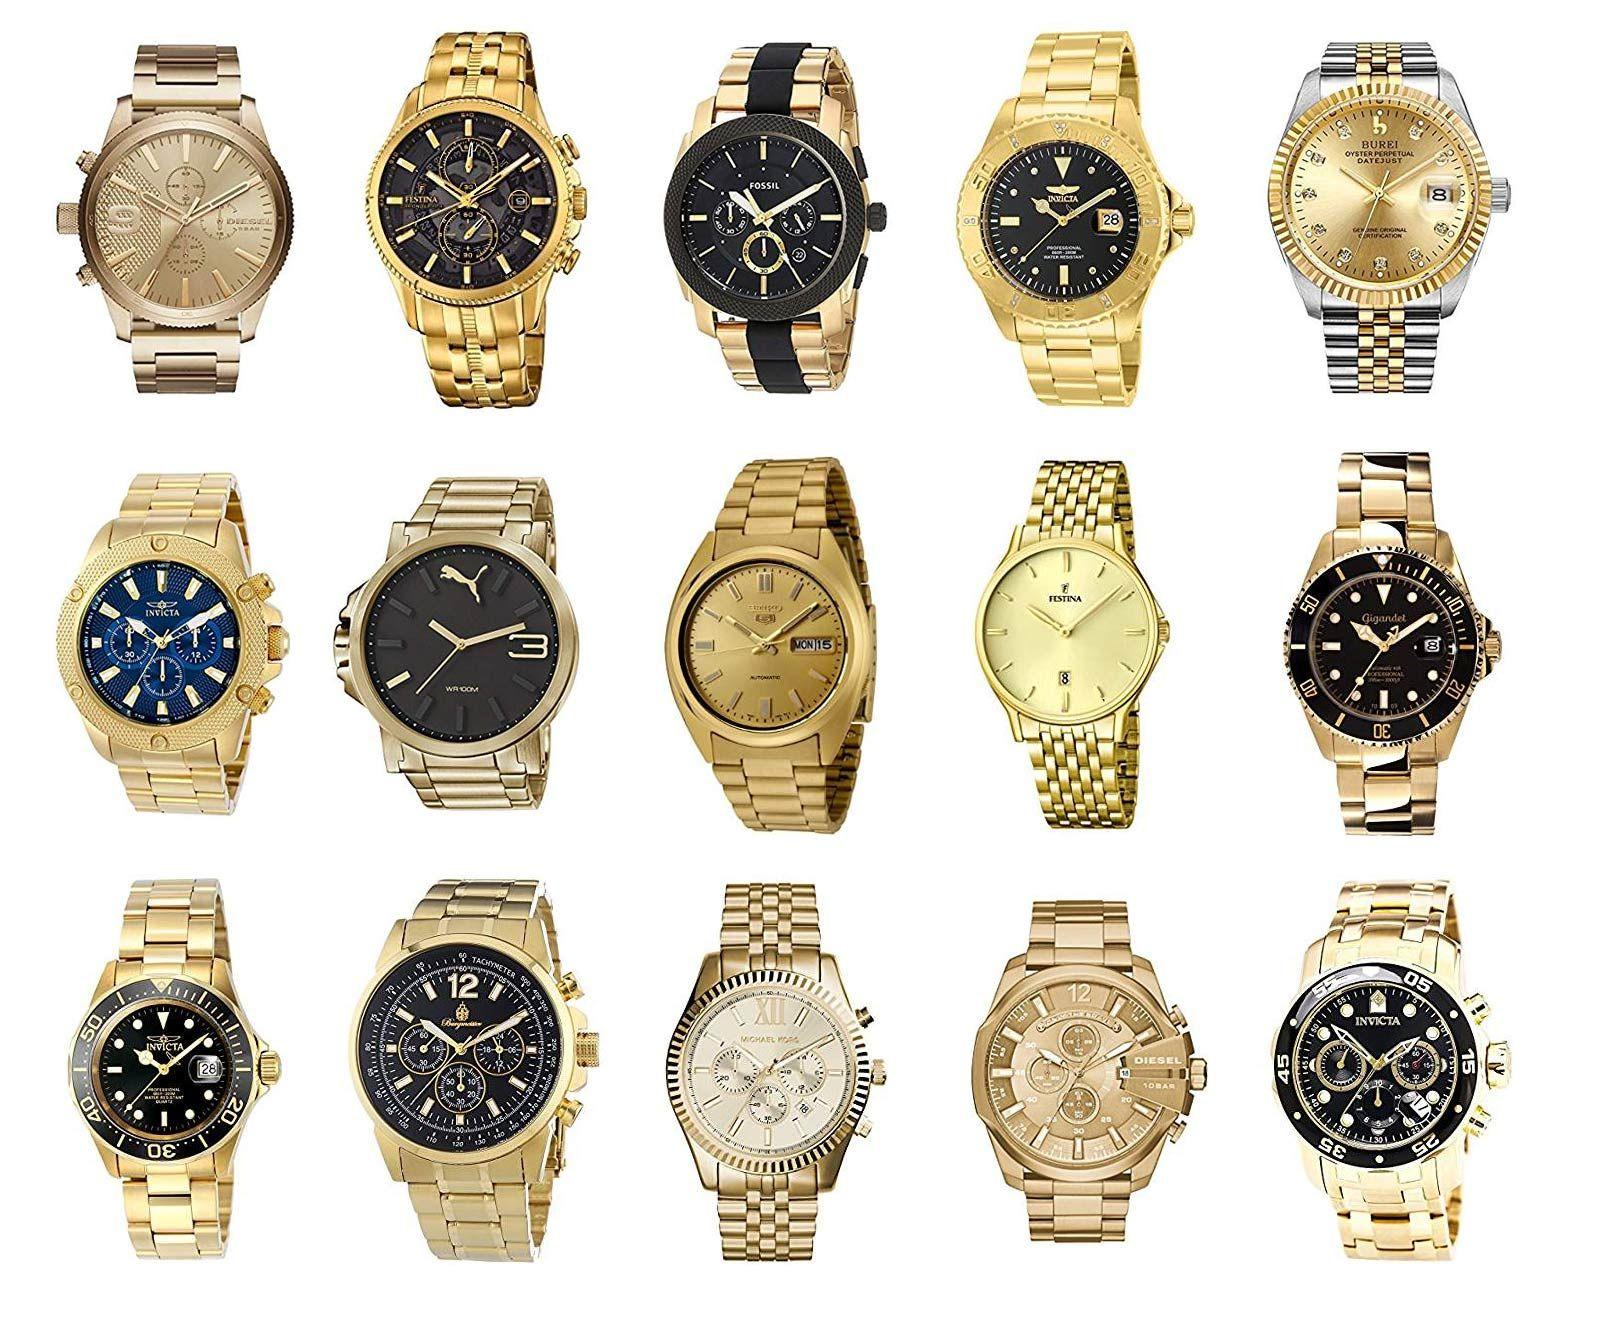 Herrenuhren Gold Die Besten Goldenen Armbanduhren Fur Manner Uhren Herren Goldene Armbanduhr Herrenuhren